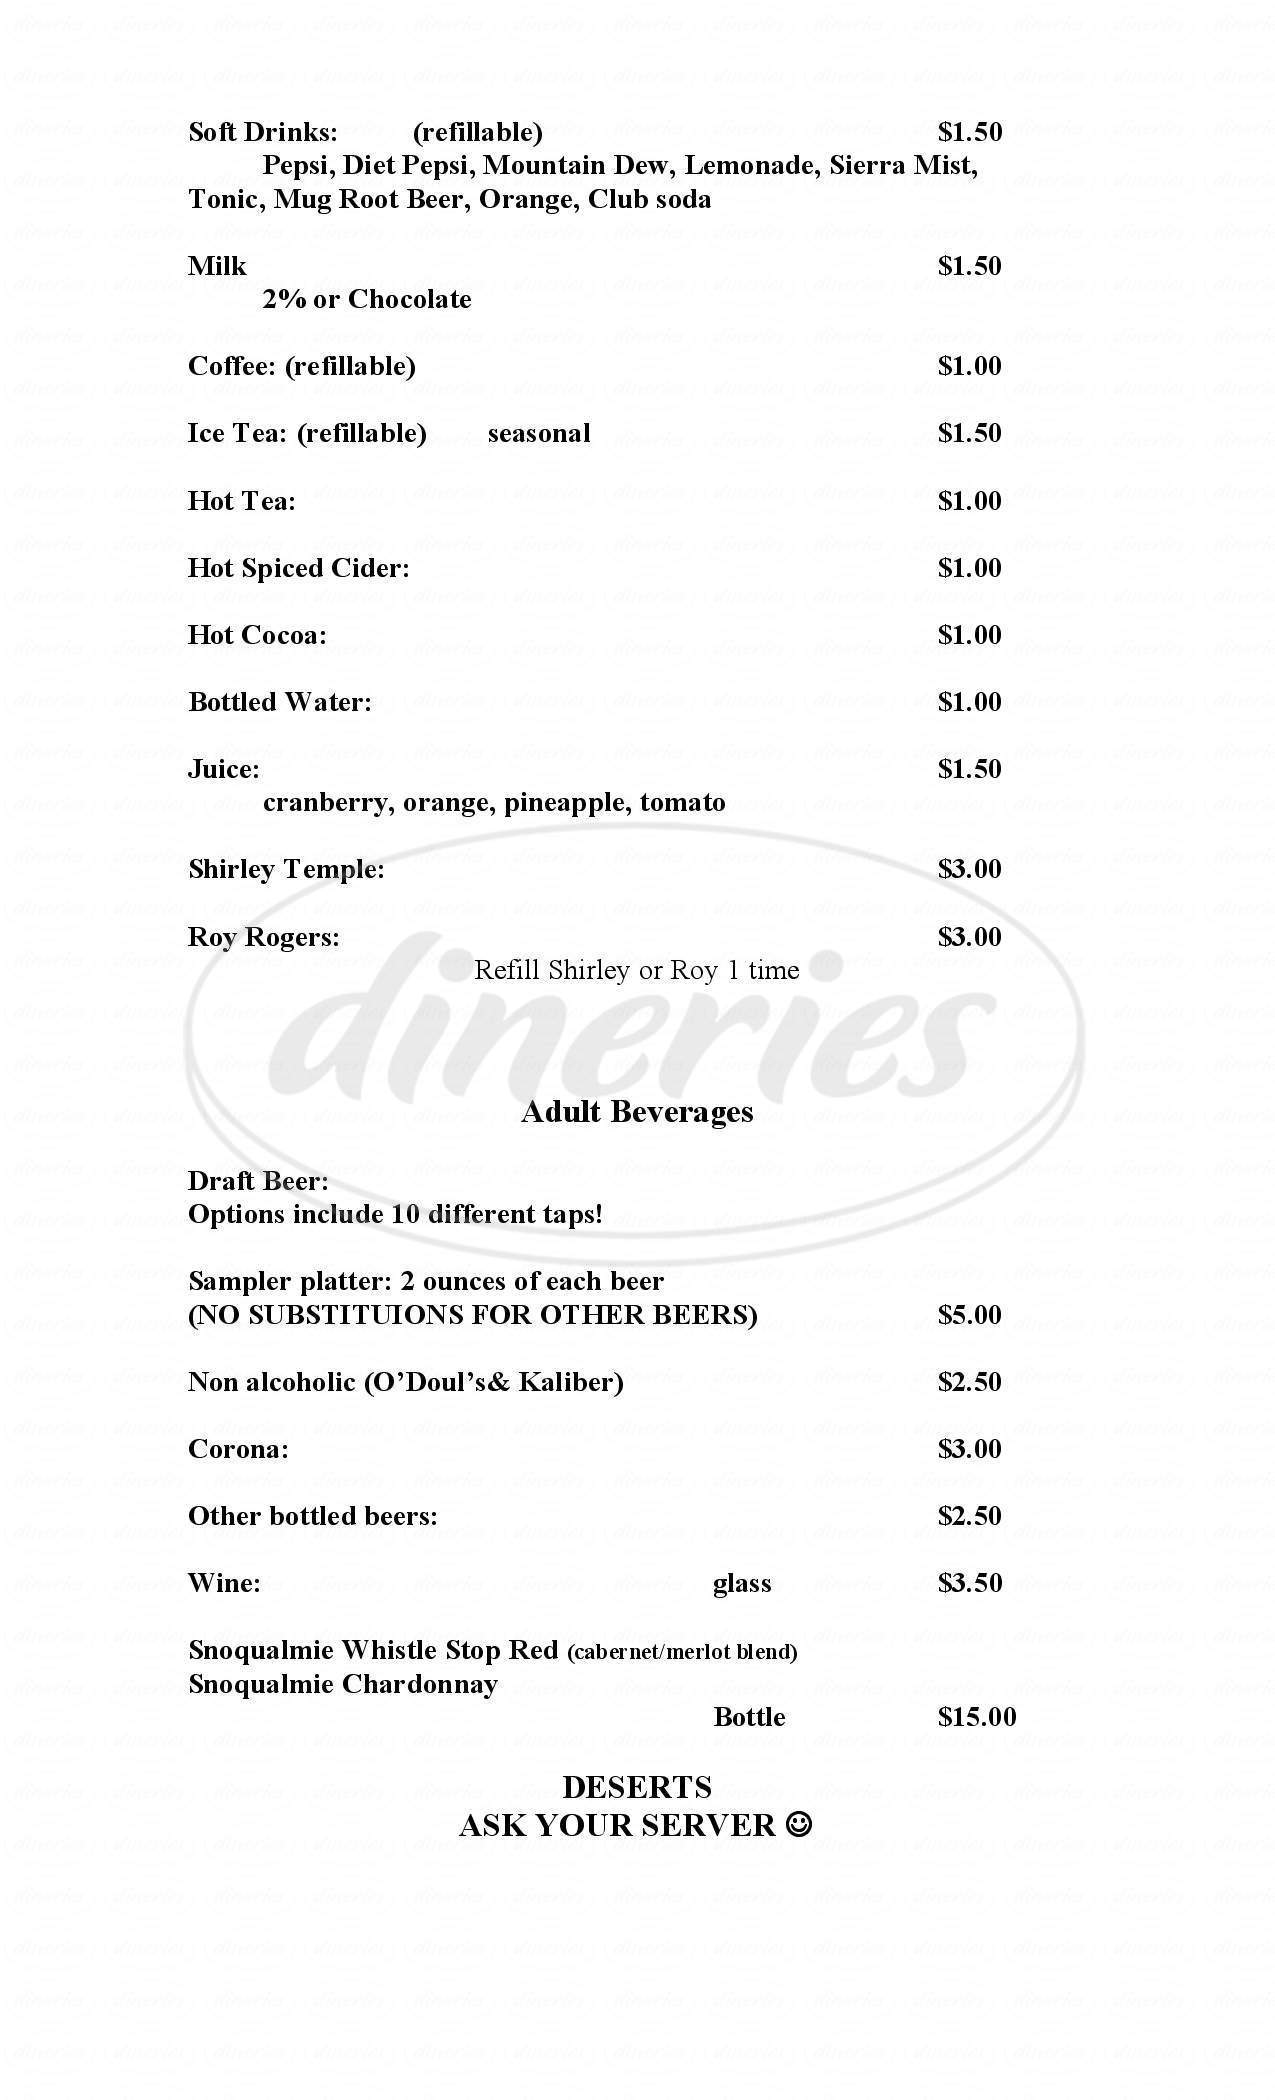 menu for C&D'S Tekoa Bar & Grill